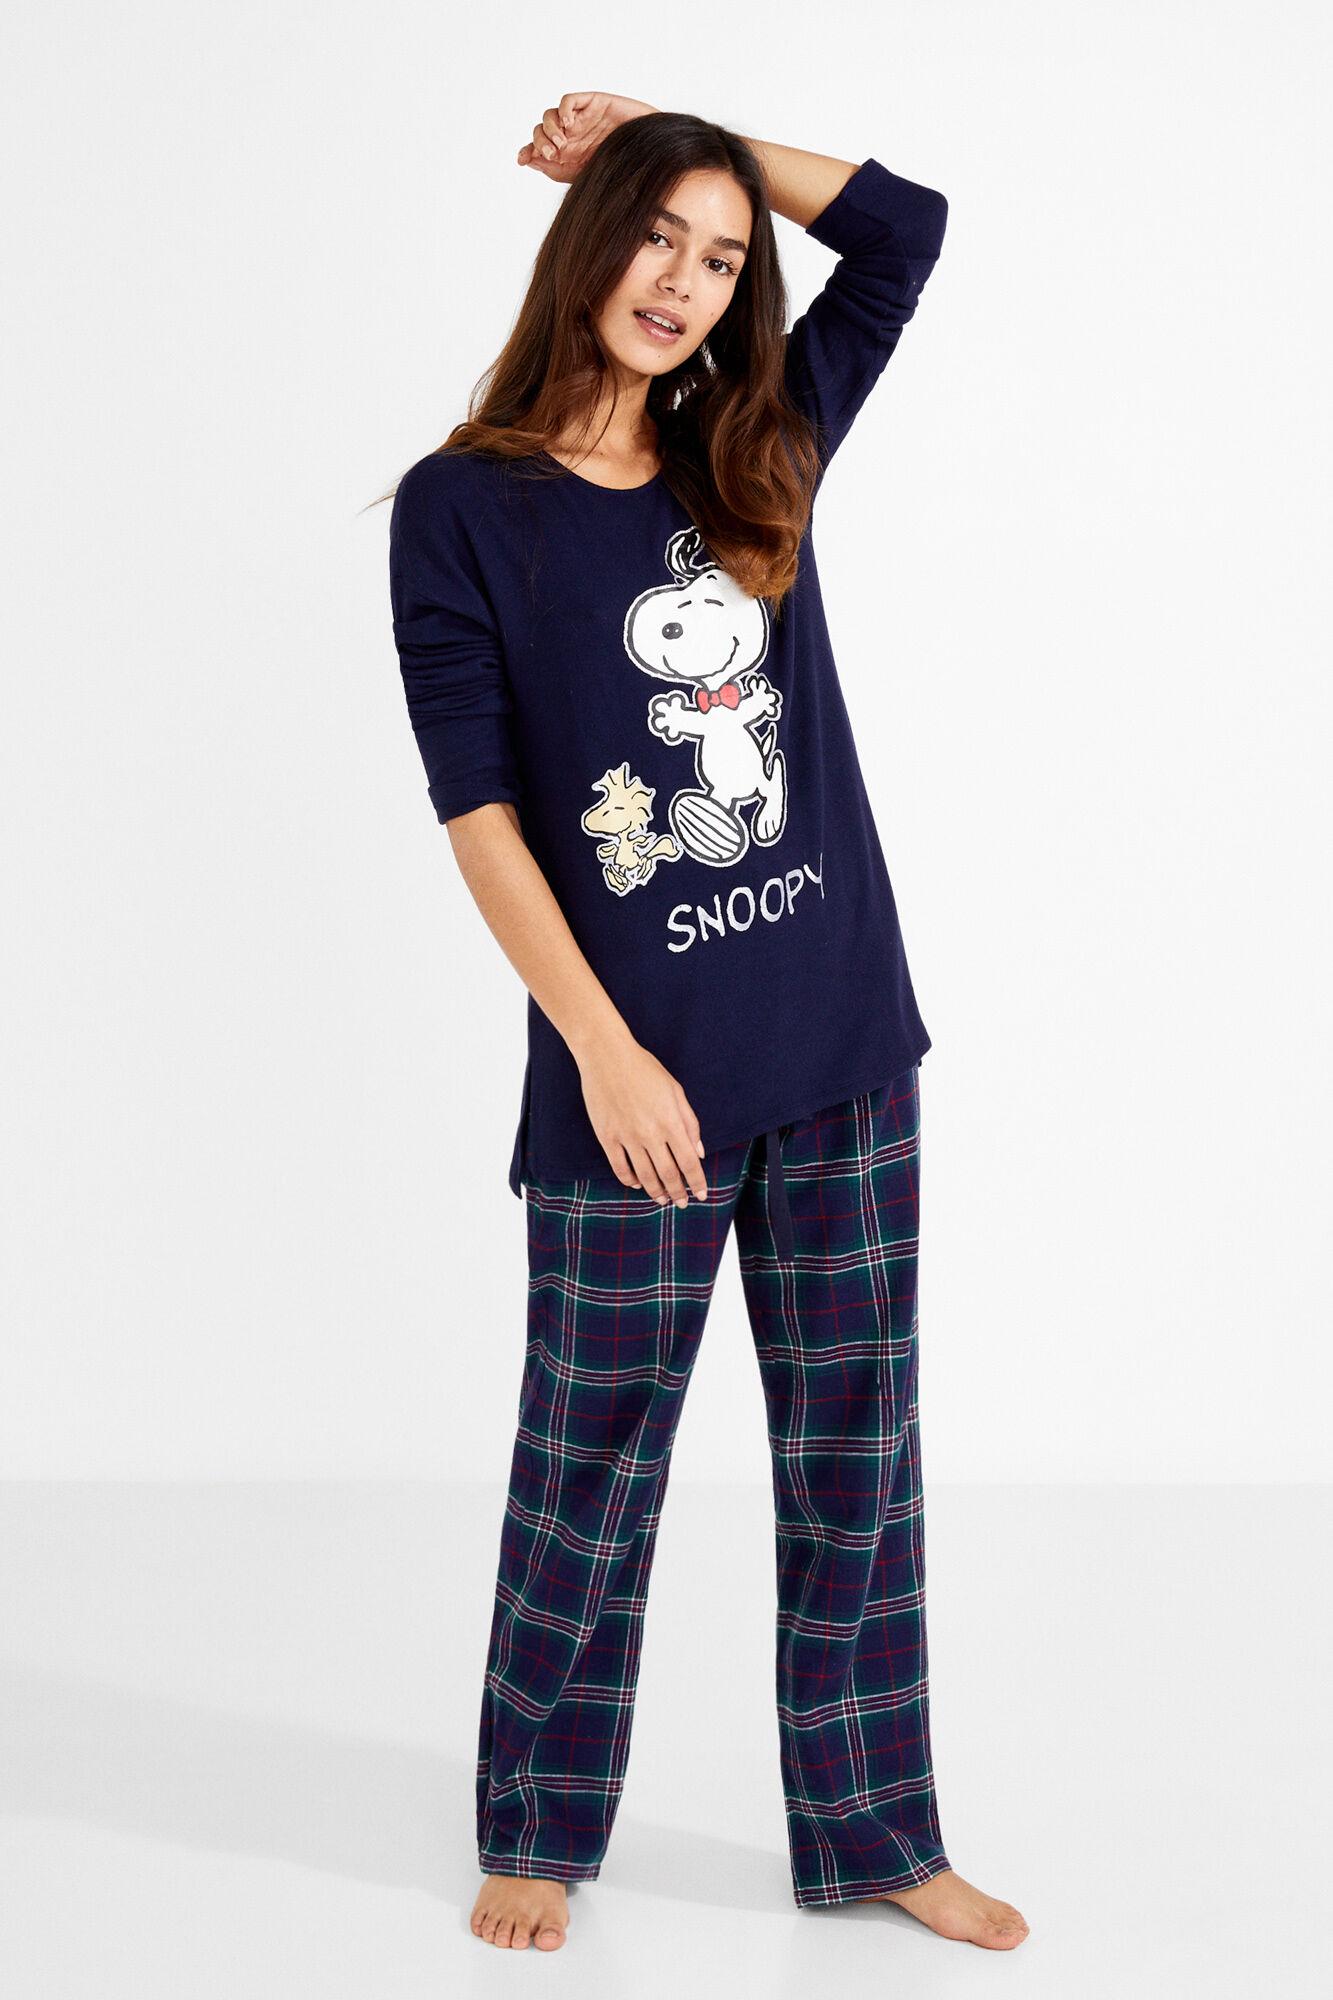 économies fantastiques vente au royaume uni nouvelles photos Long tartan Snoopy pyjamas | Sleepwear | Women'secret